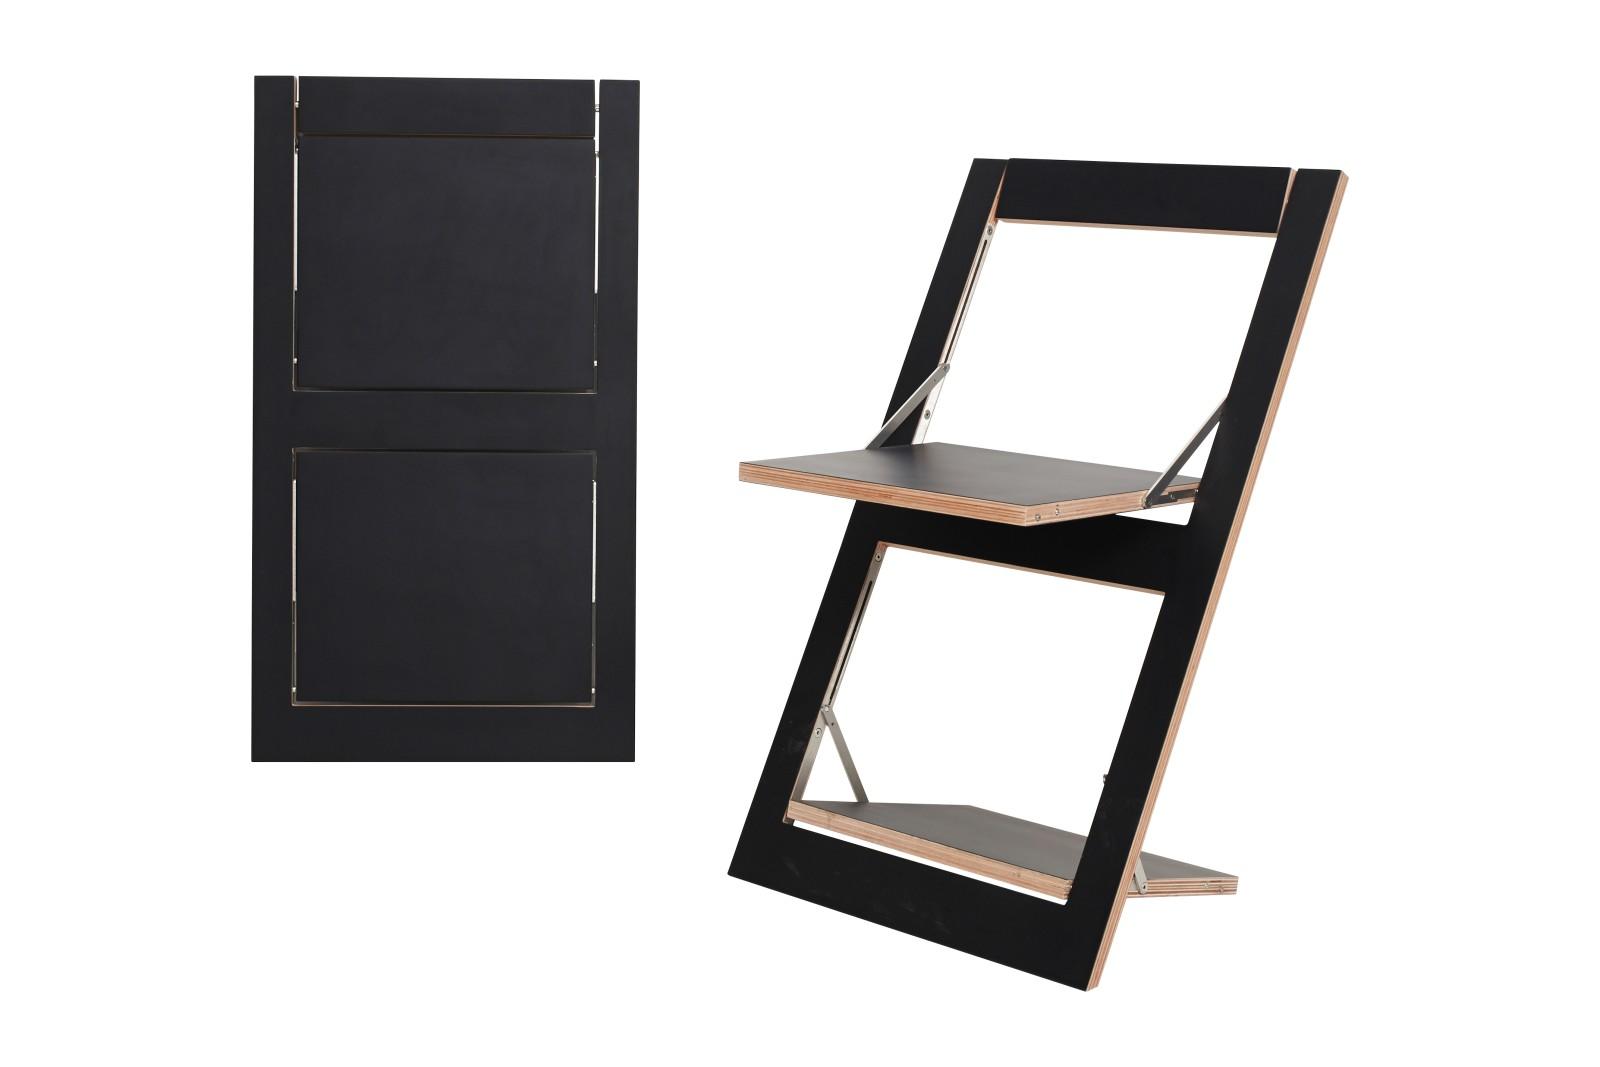 Fläpps Folding Chair Black